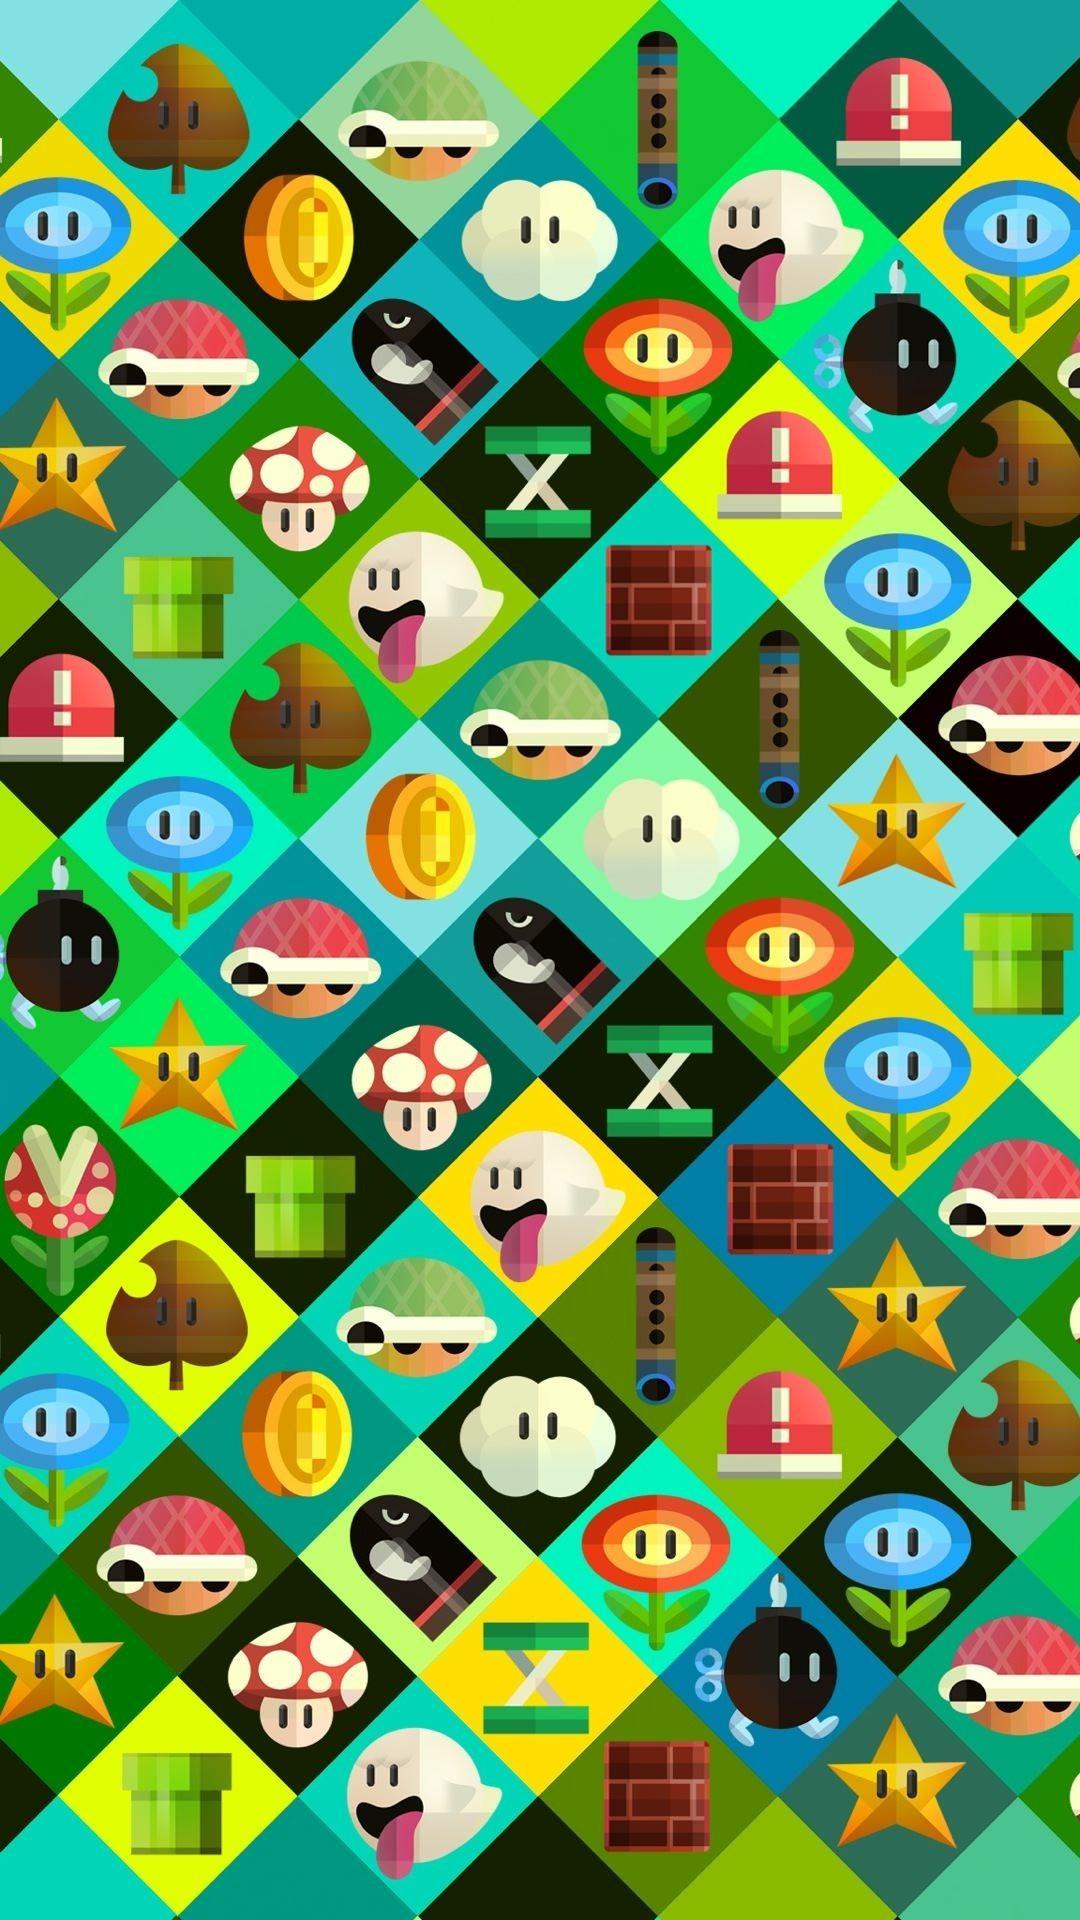 Res: 1080x1920,  [iPhone wallpaper] Super Mario characters